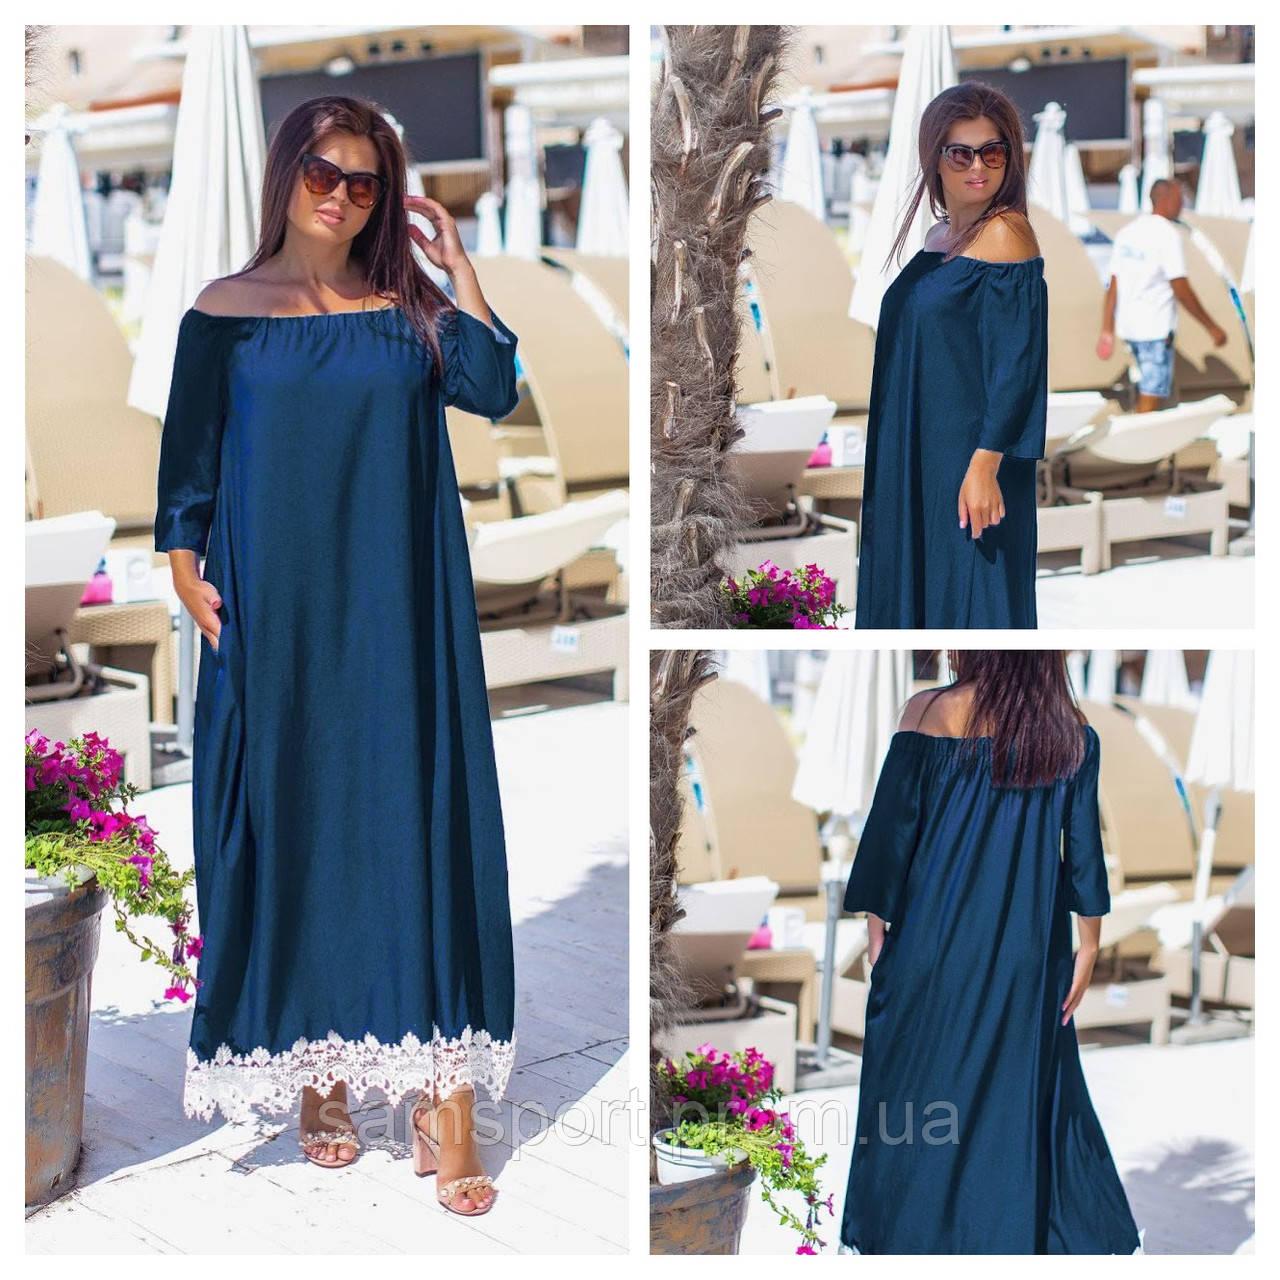 Джинсовые длинные платья оптом, женские платья больших размеров XXL оптом